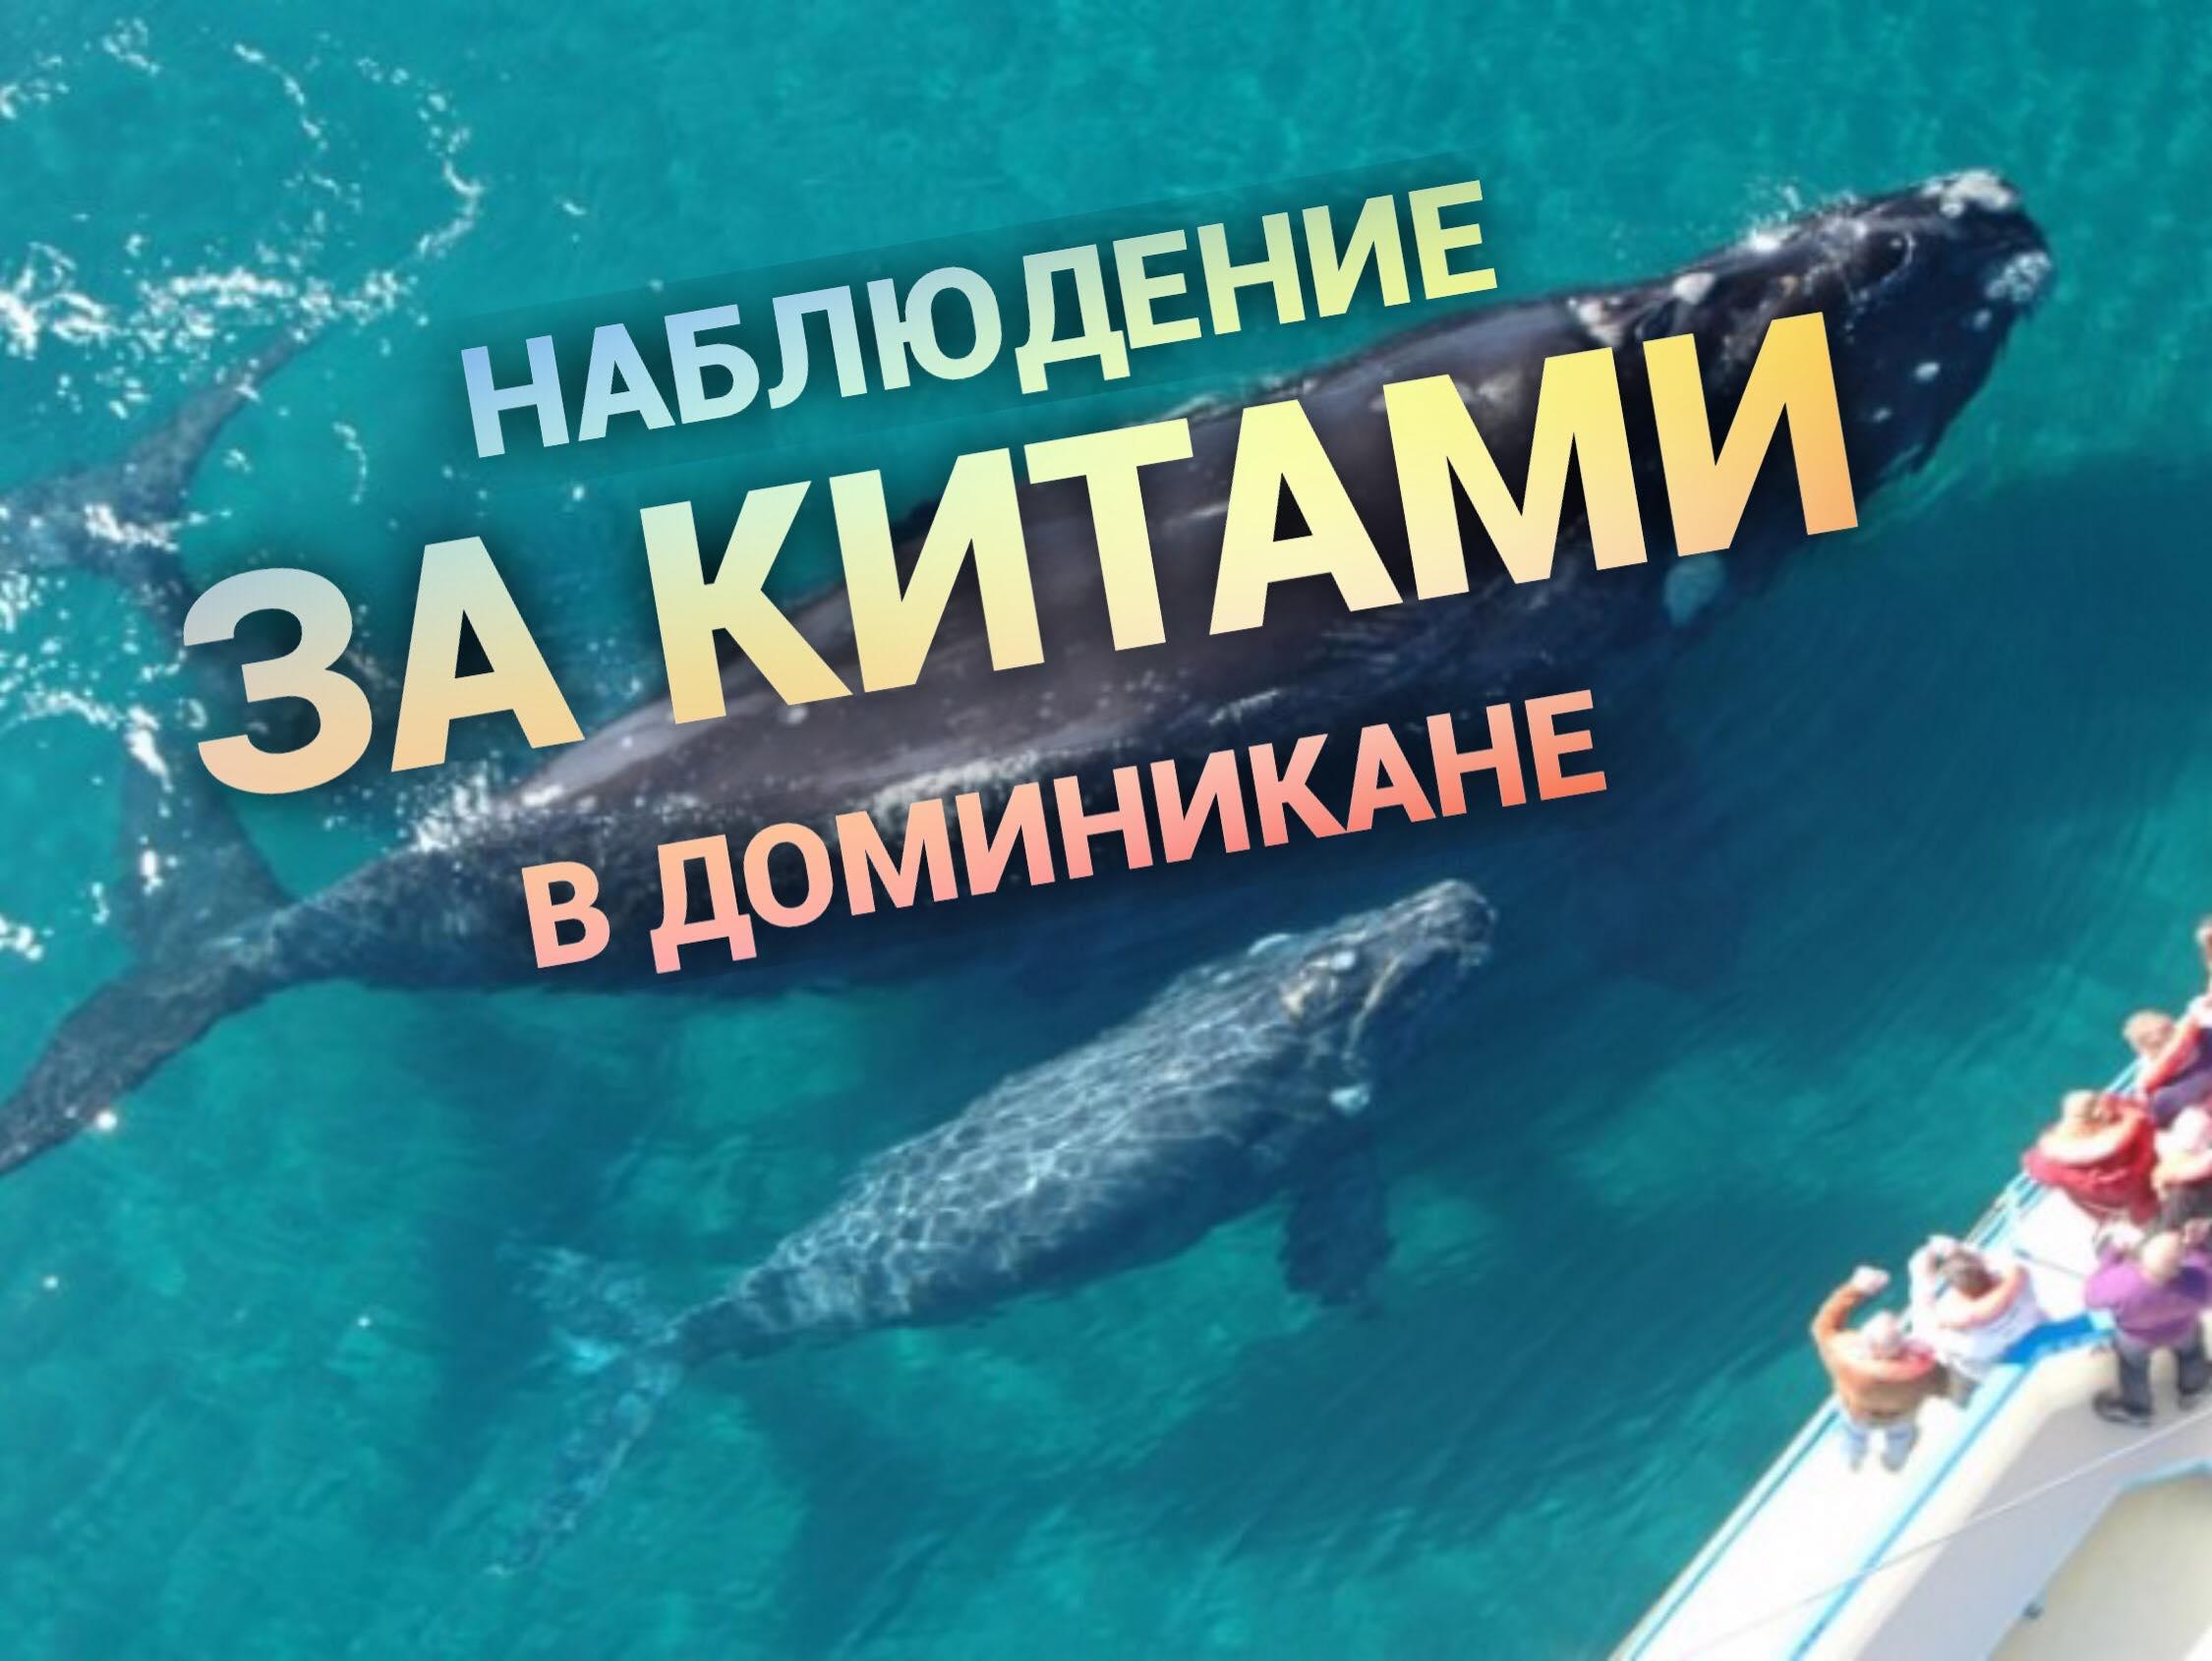 Киты в Доминикане: как проходит экскурсия на китов. Фото. Видео